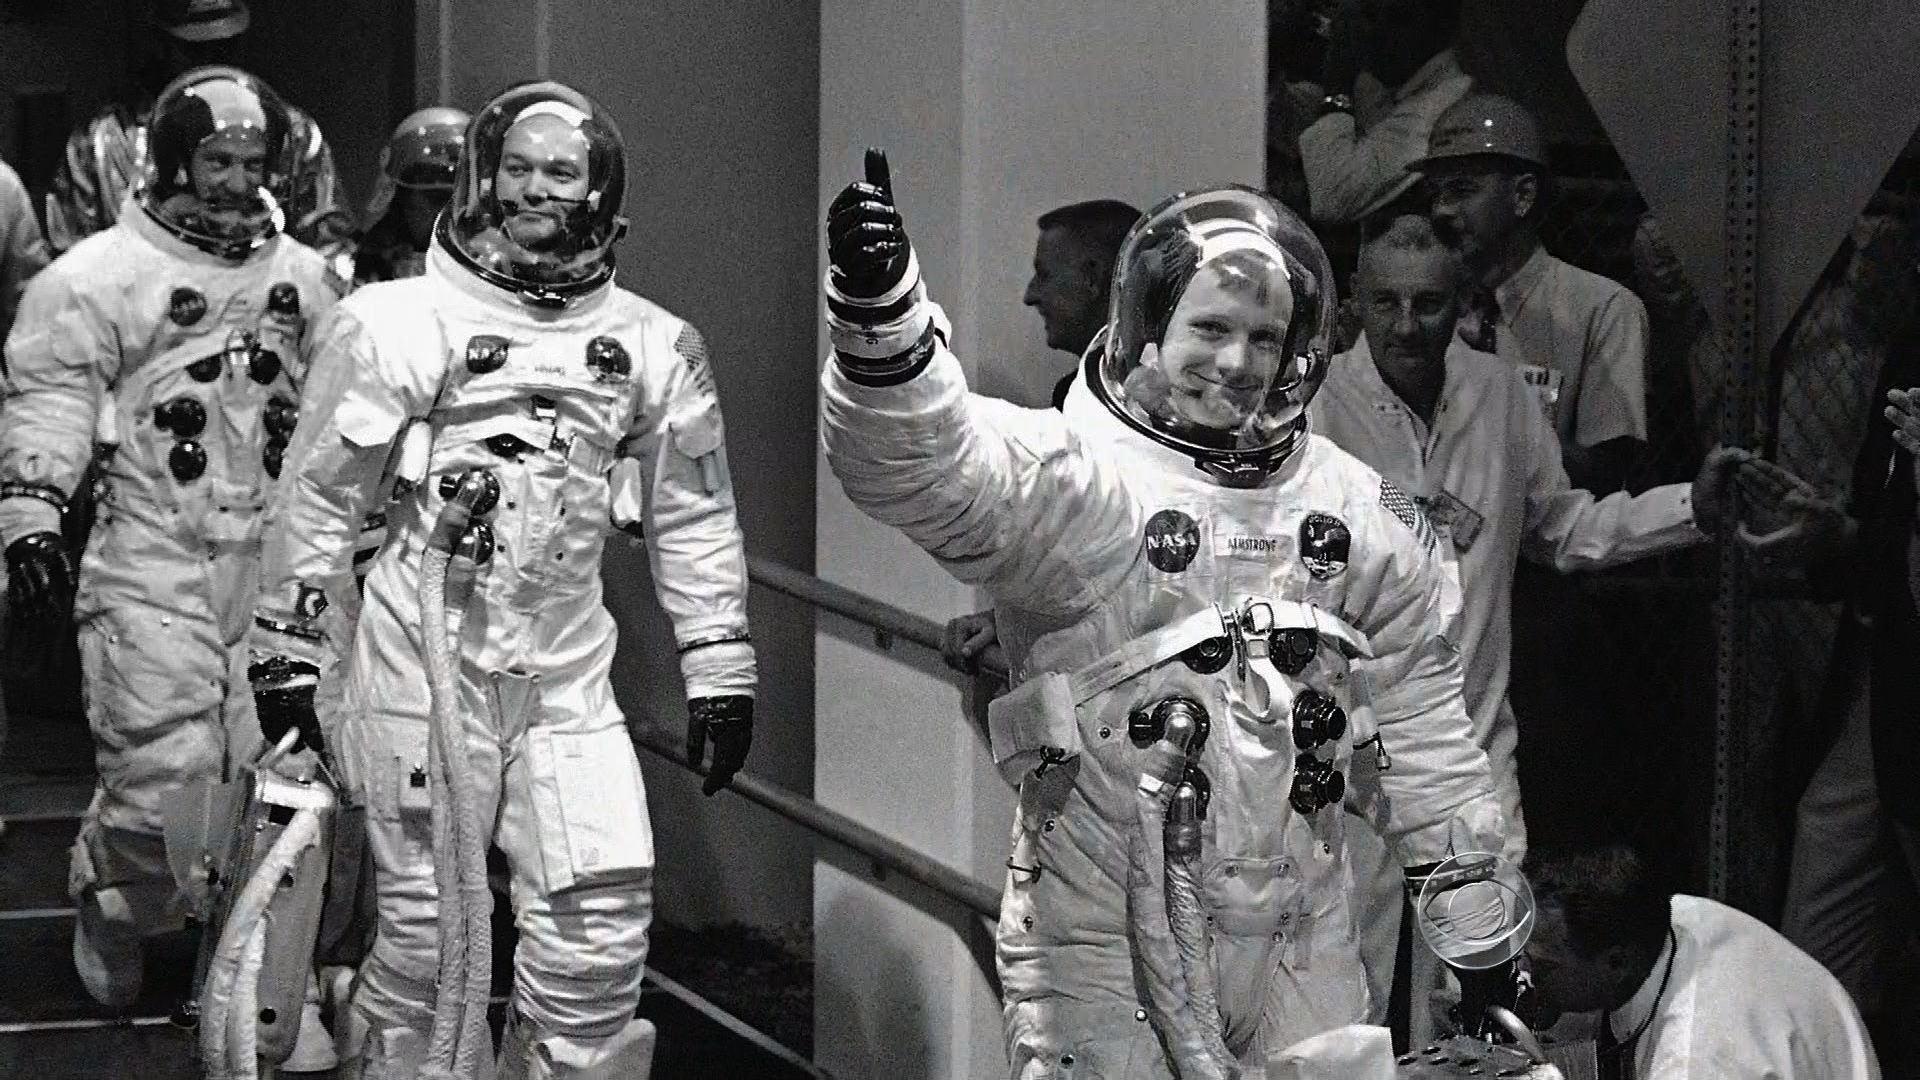 nasa apollo astronauts - photo #40